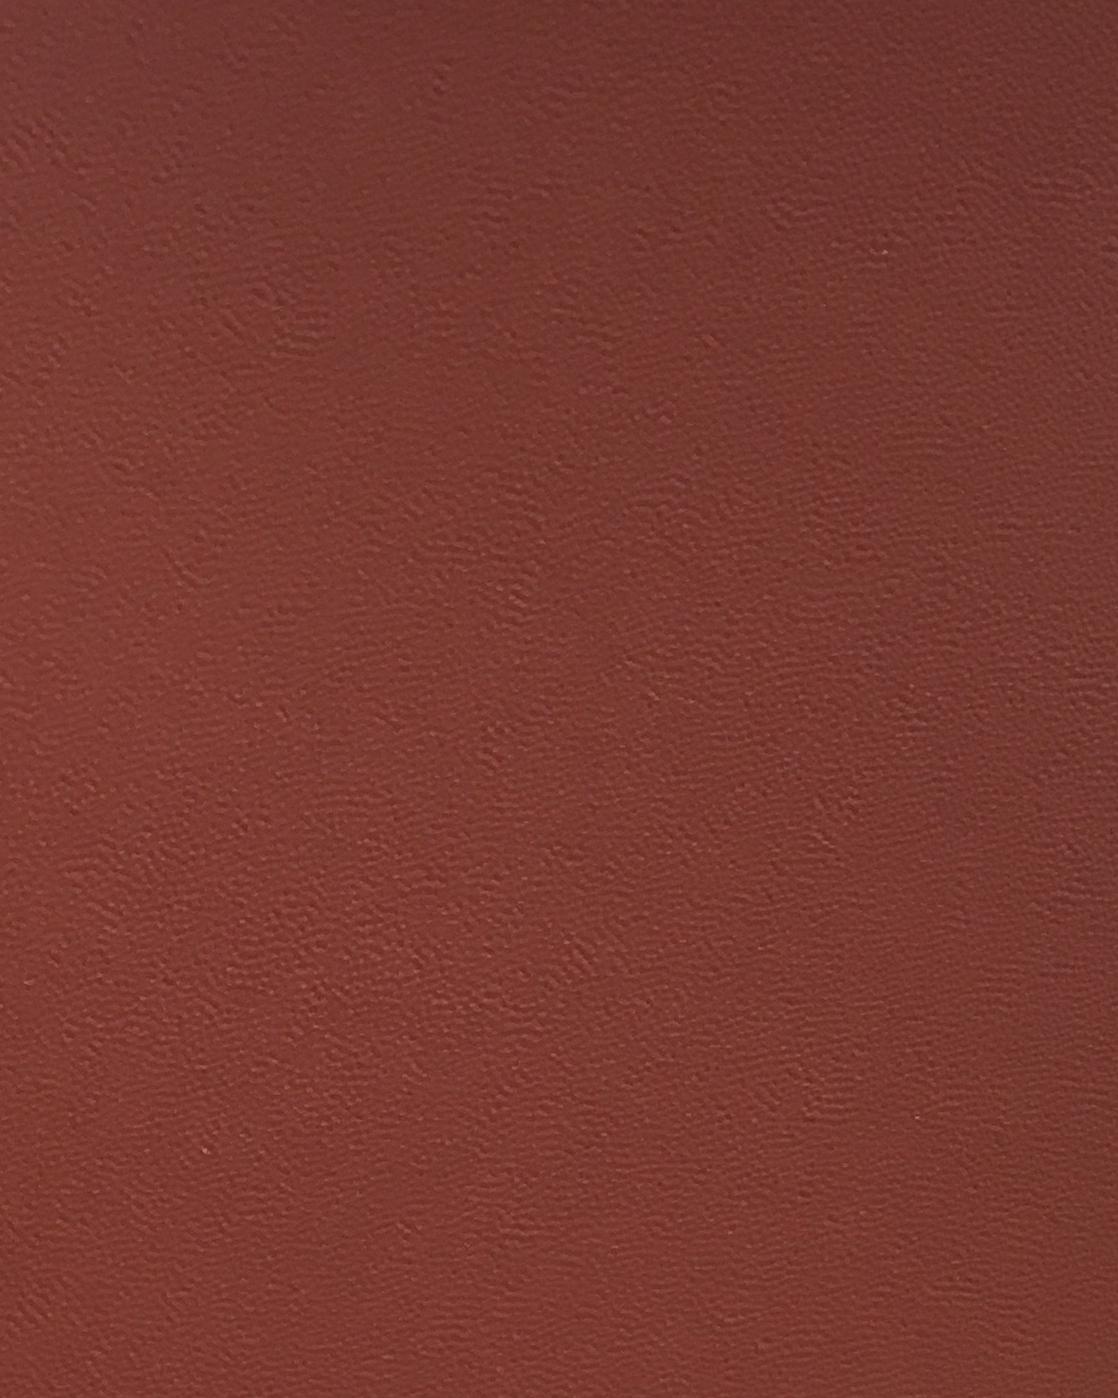 毛孔3系列-酒红